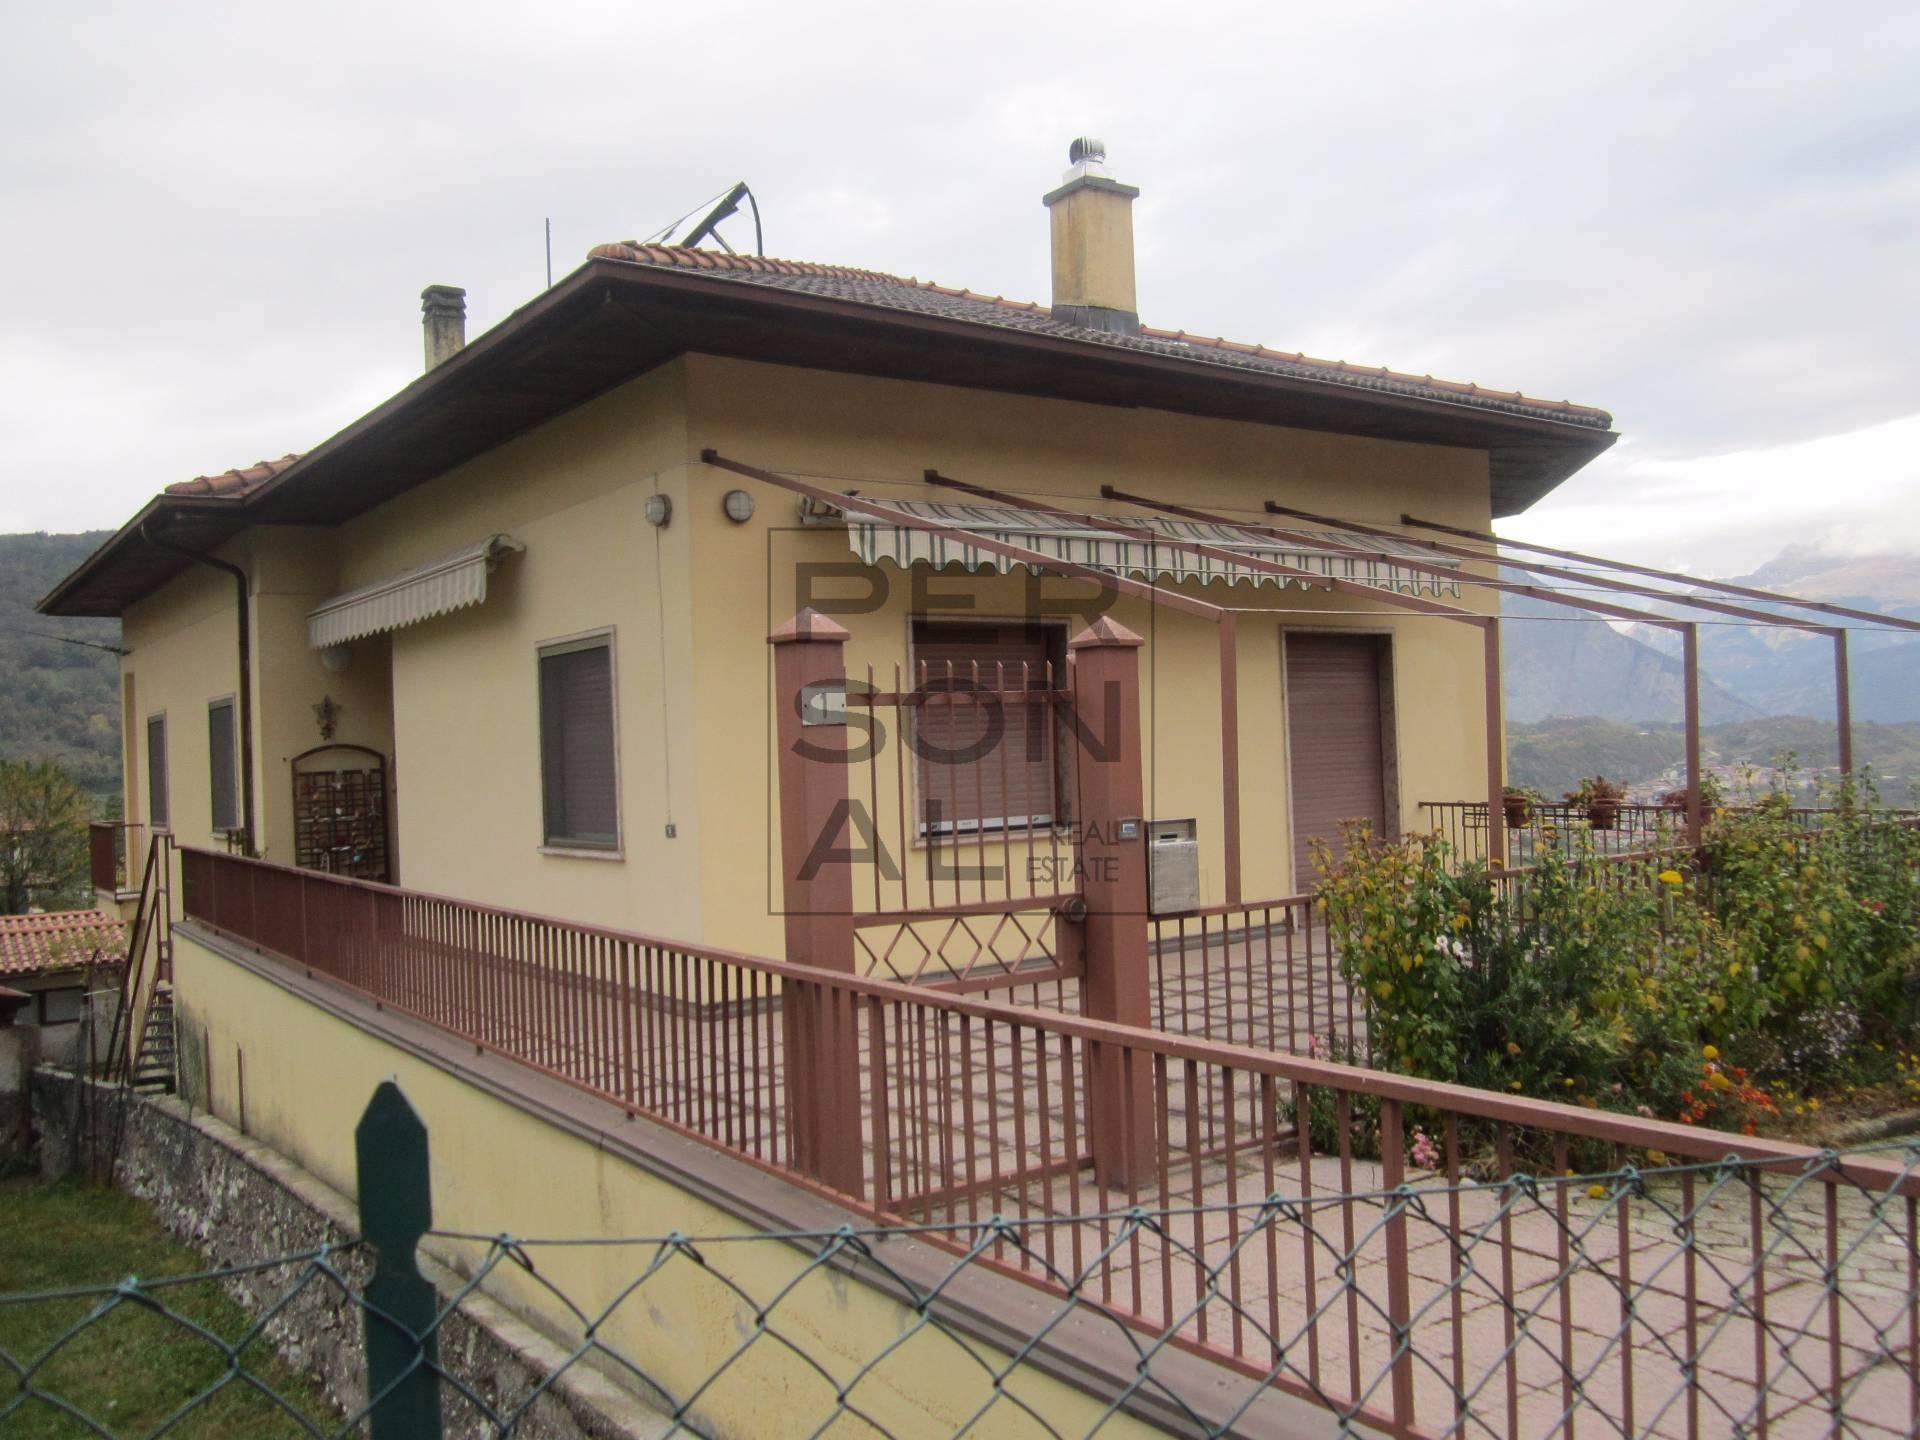 Soluzione Indipendente in vendita a Cavedine, 5 locali, zona Località: VigoCavedine, prezzo € 340.000   CambioCasa.it